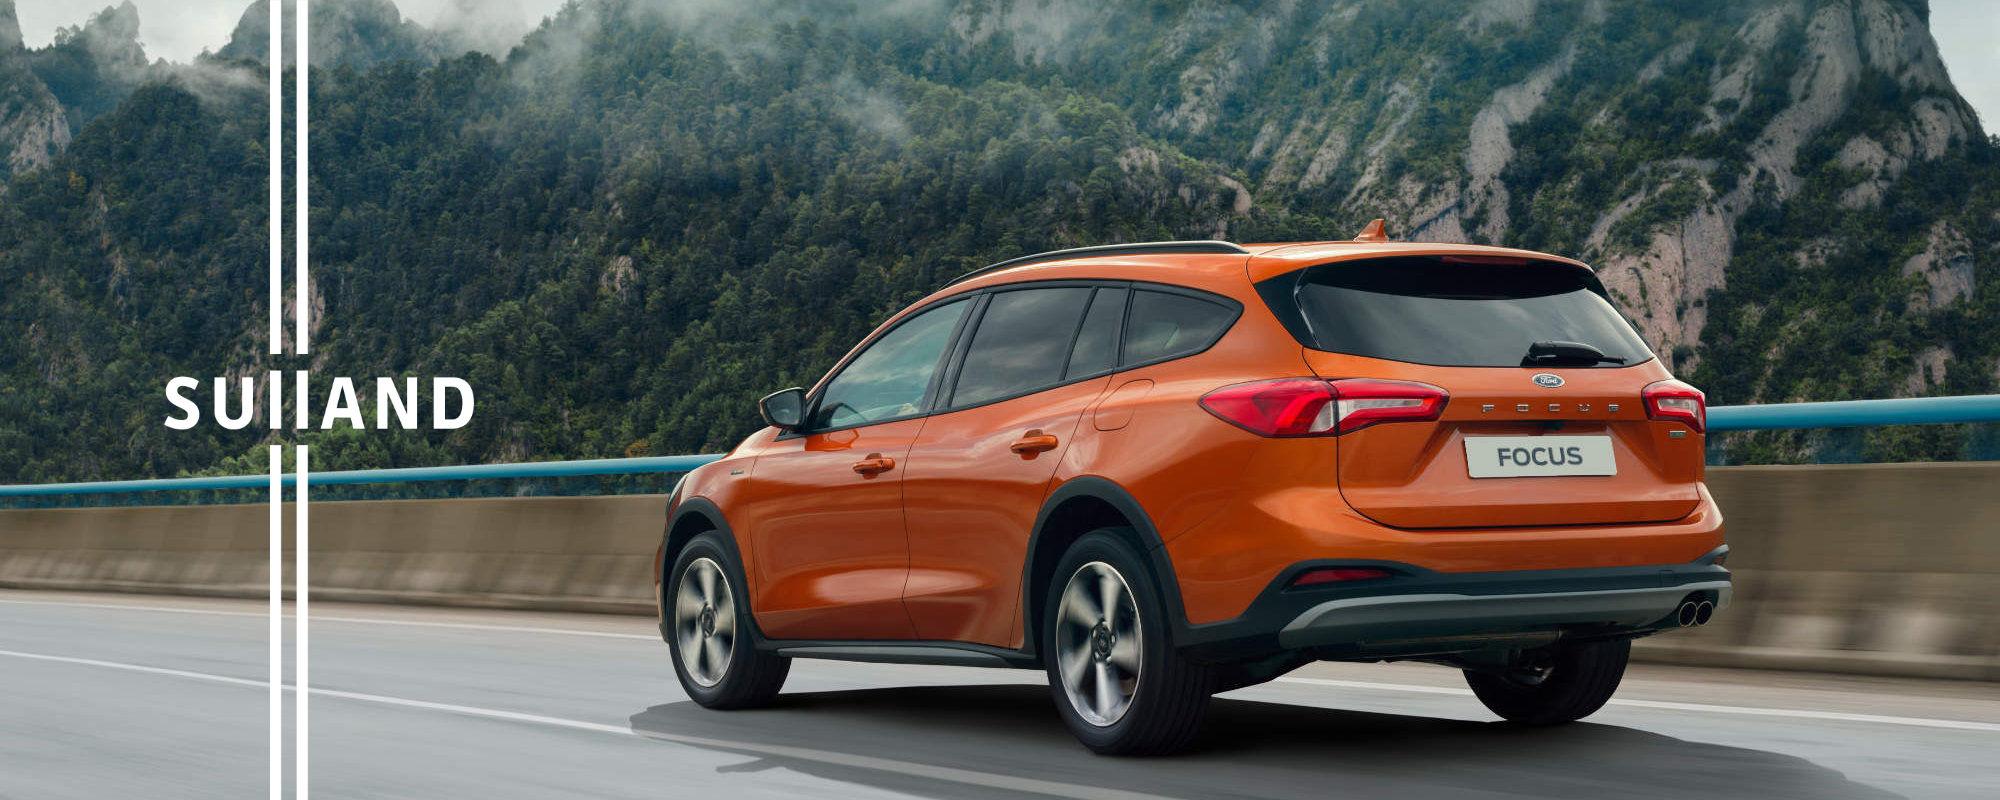 Ford Focus åpningstider Sulland